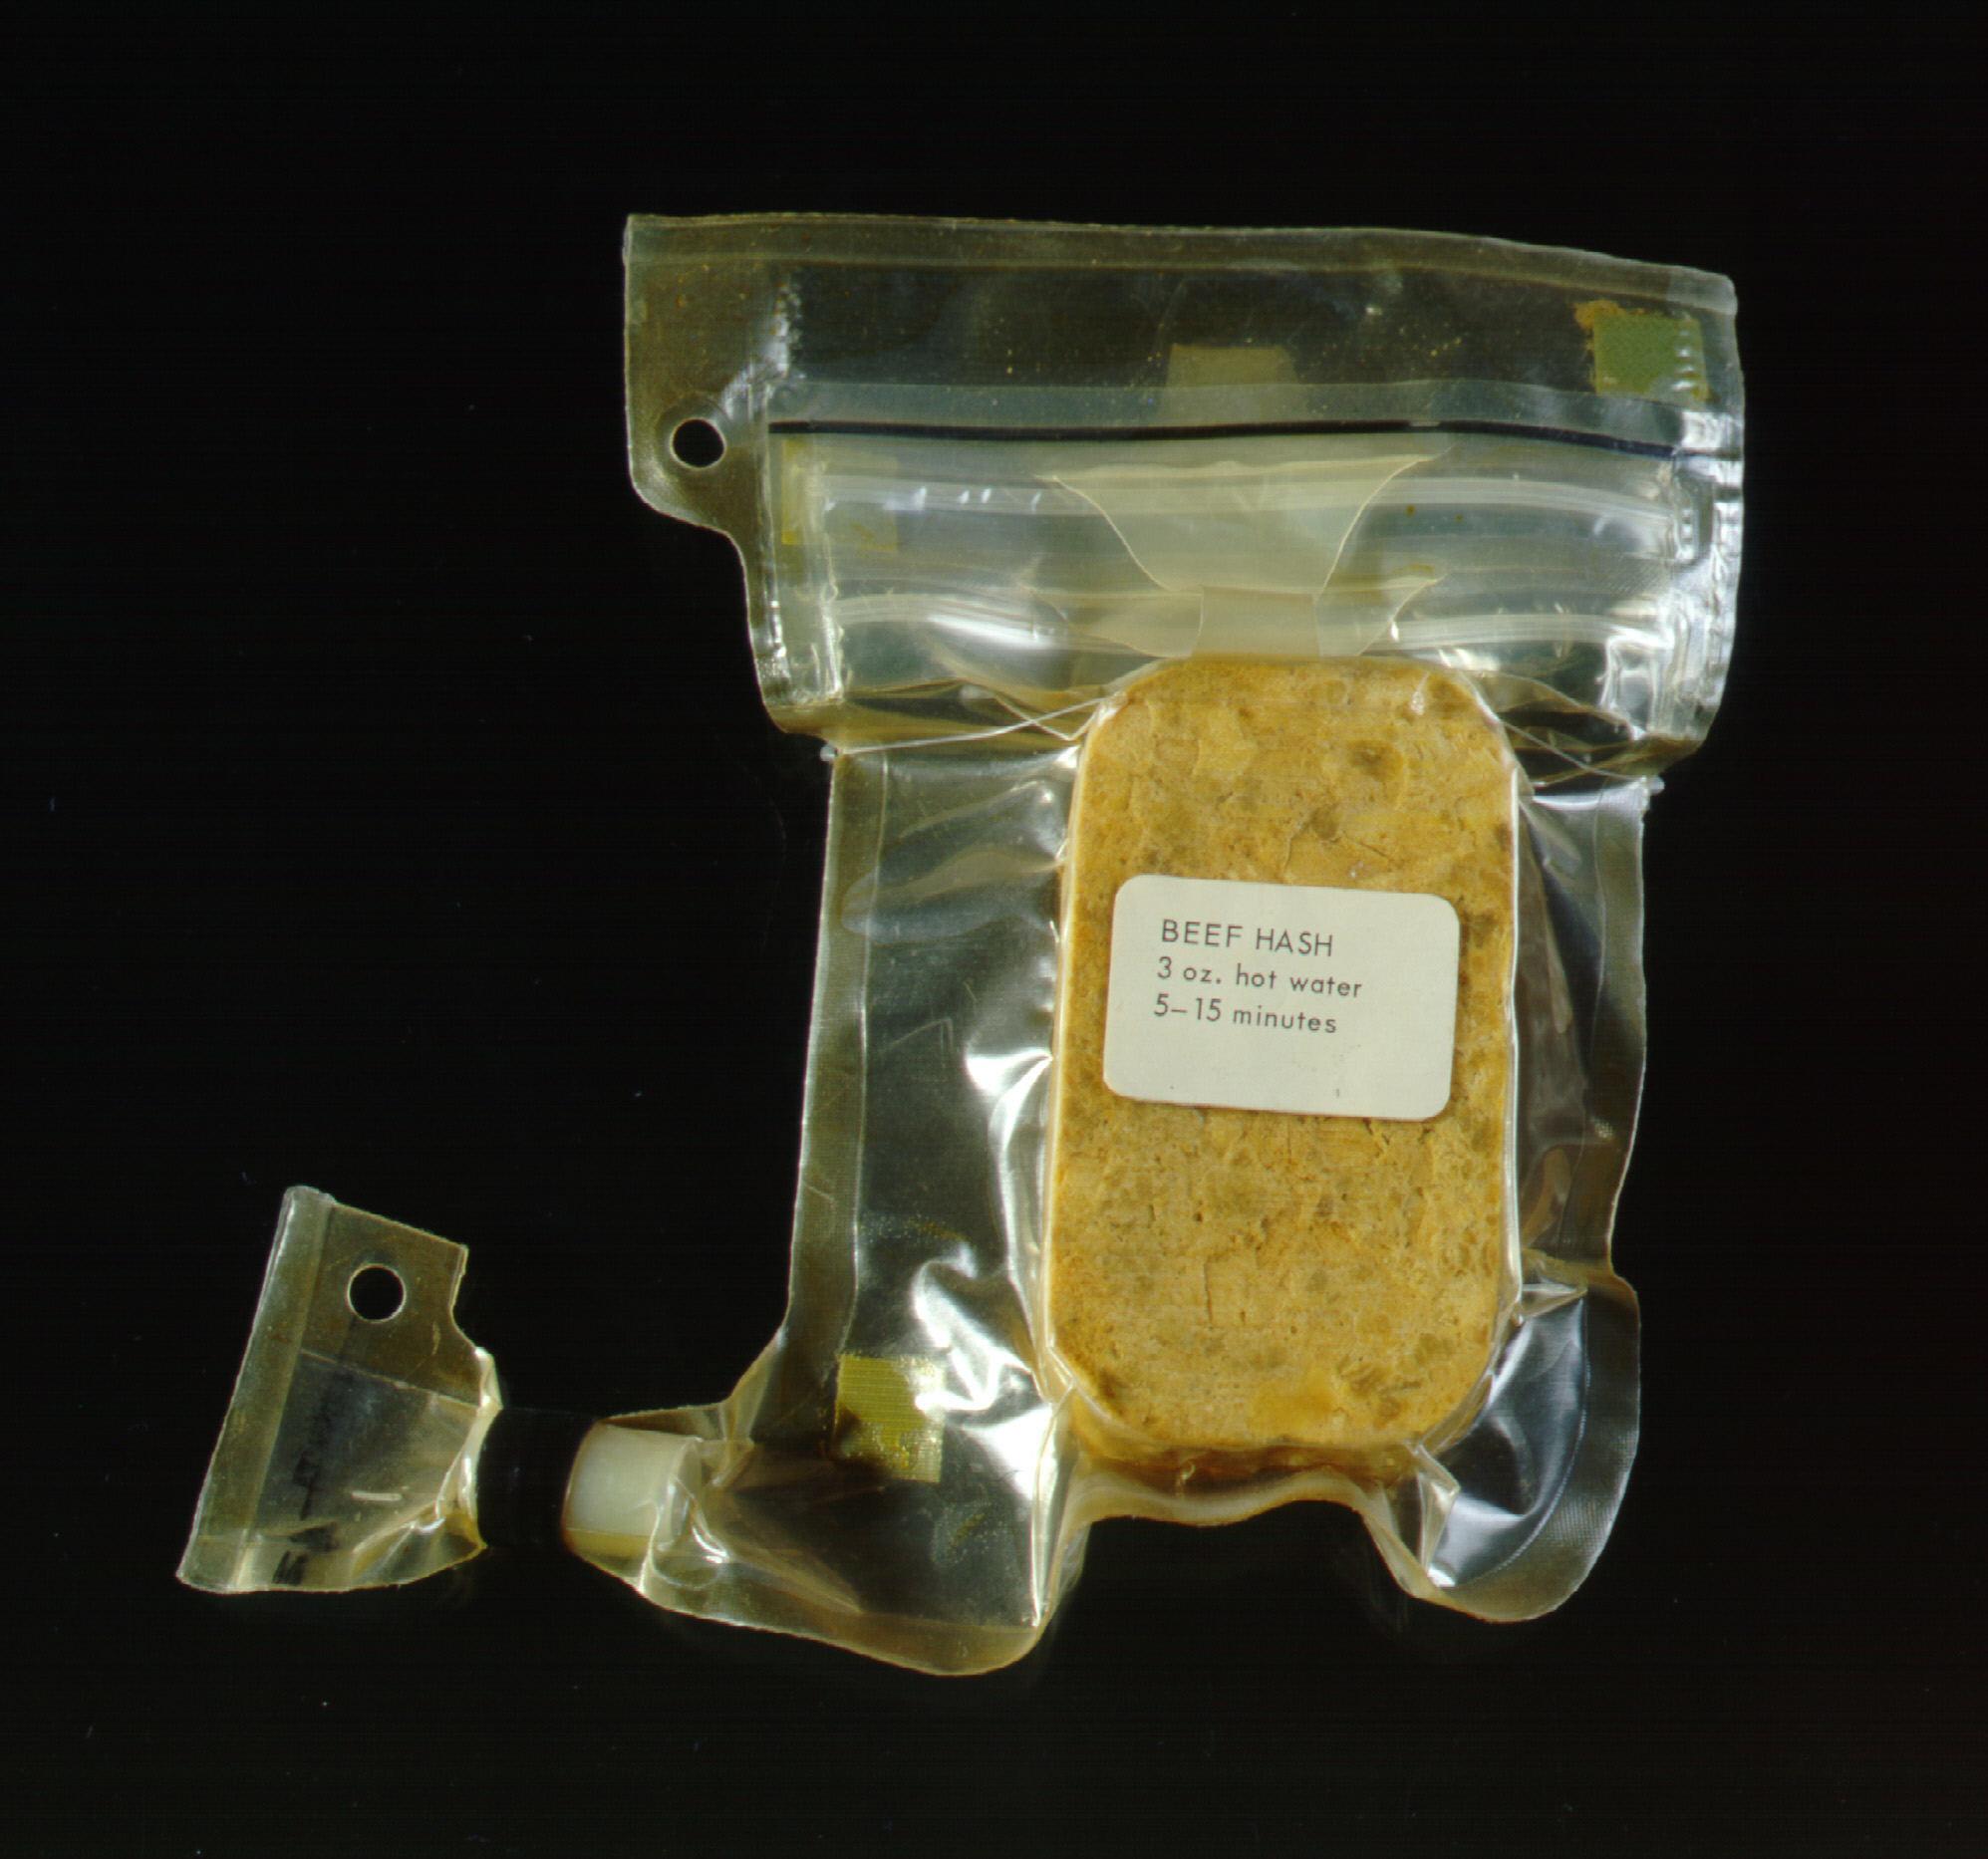 apollo 11 space food - photo #16